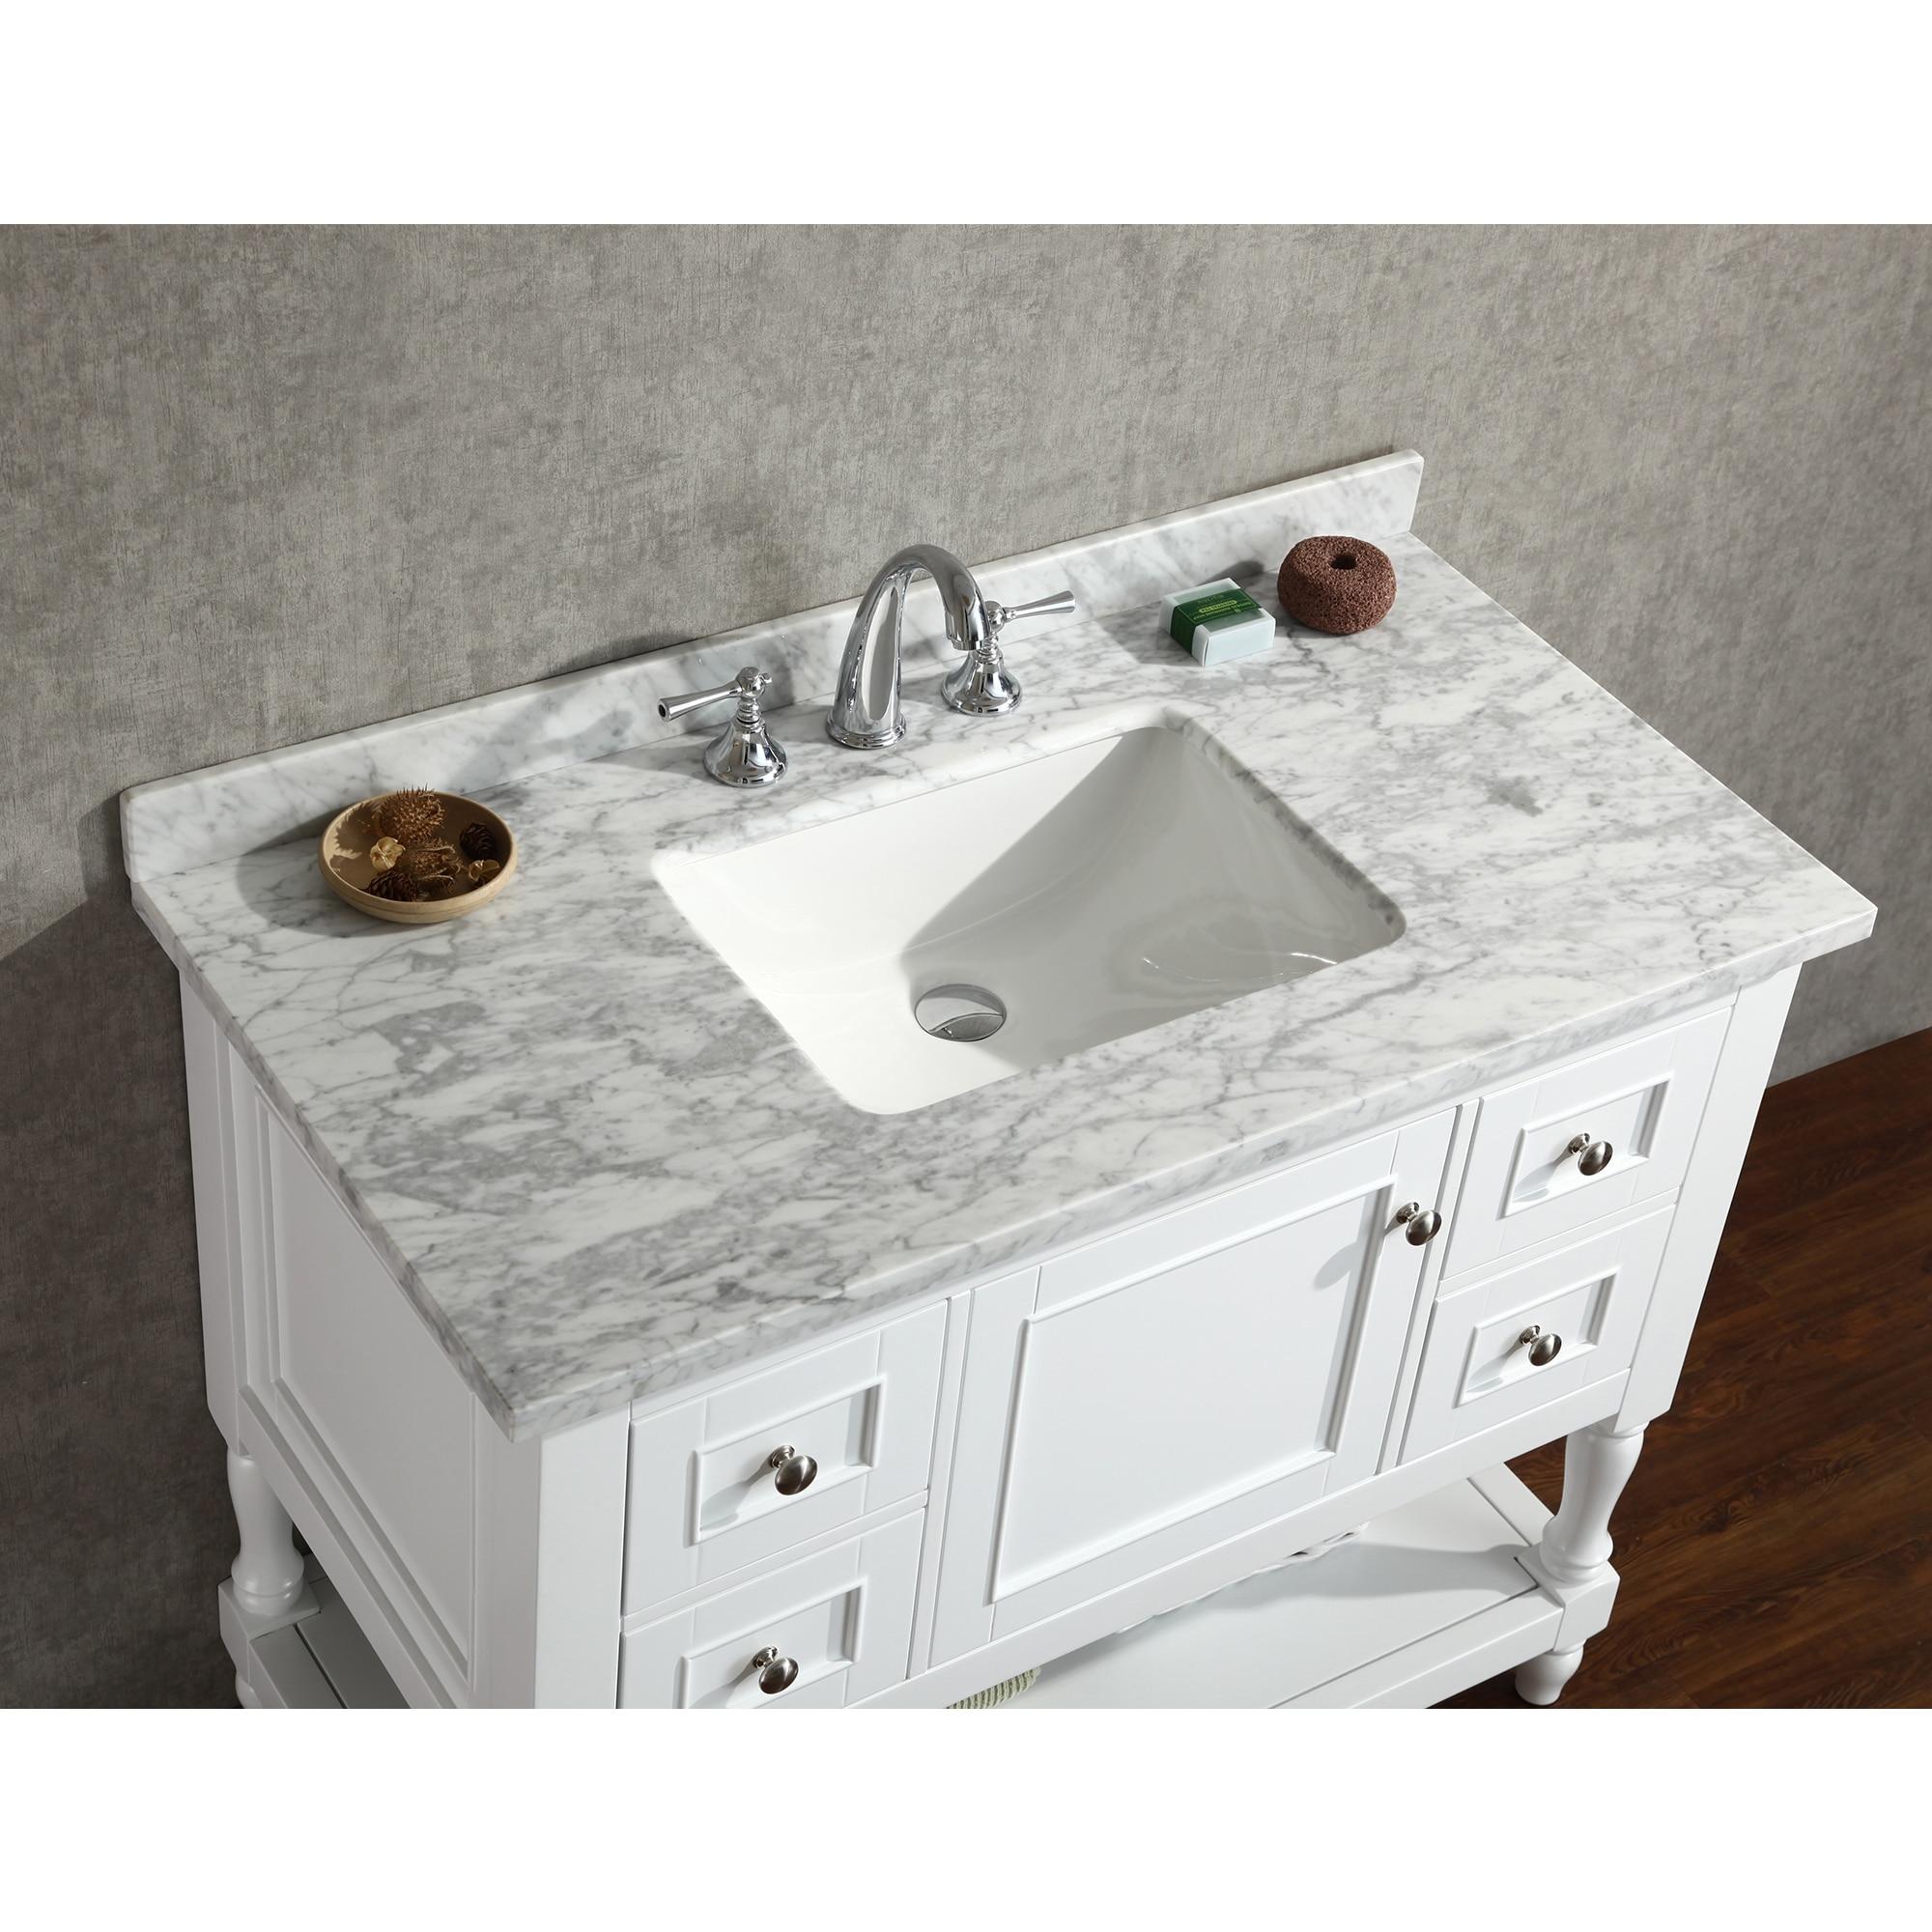 Shop Ari Kitchen And Bath Cape Cod White 42 Inch Single Bathroom